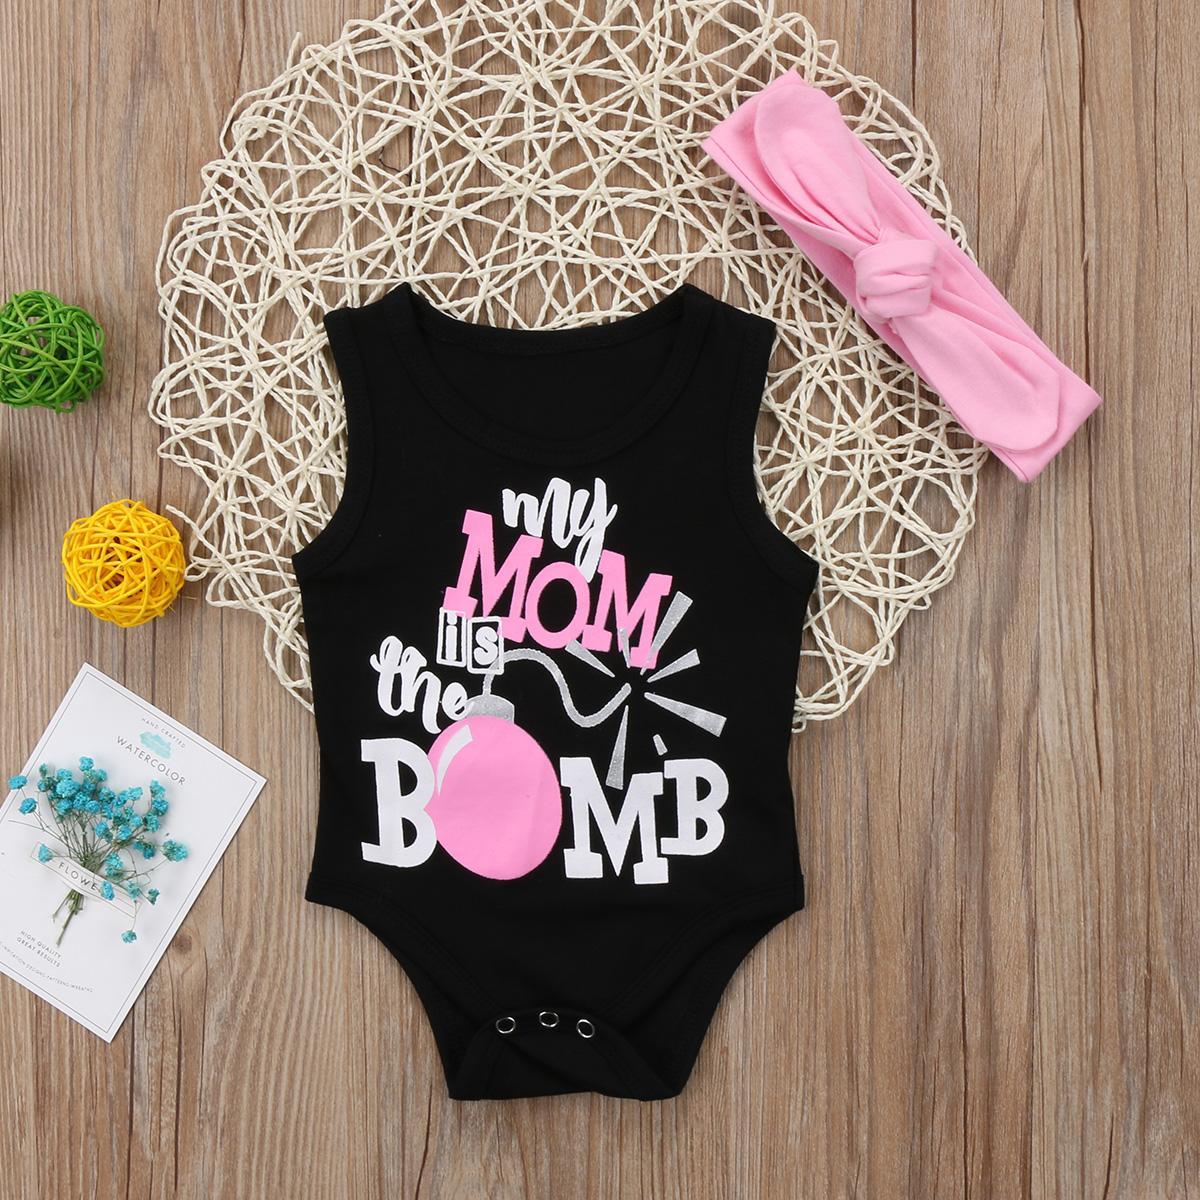 Yürüyor Bebek Bebek Kız Erkek Çocuk Bodysuit Kolsuz Kıyafetler Giyim Seti Kafa Seti Günlük Moda Letter Giyim